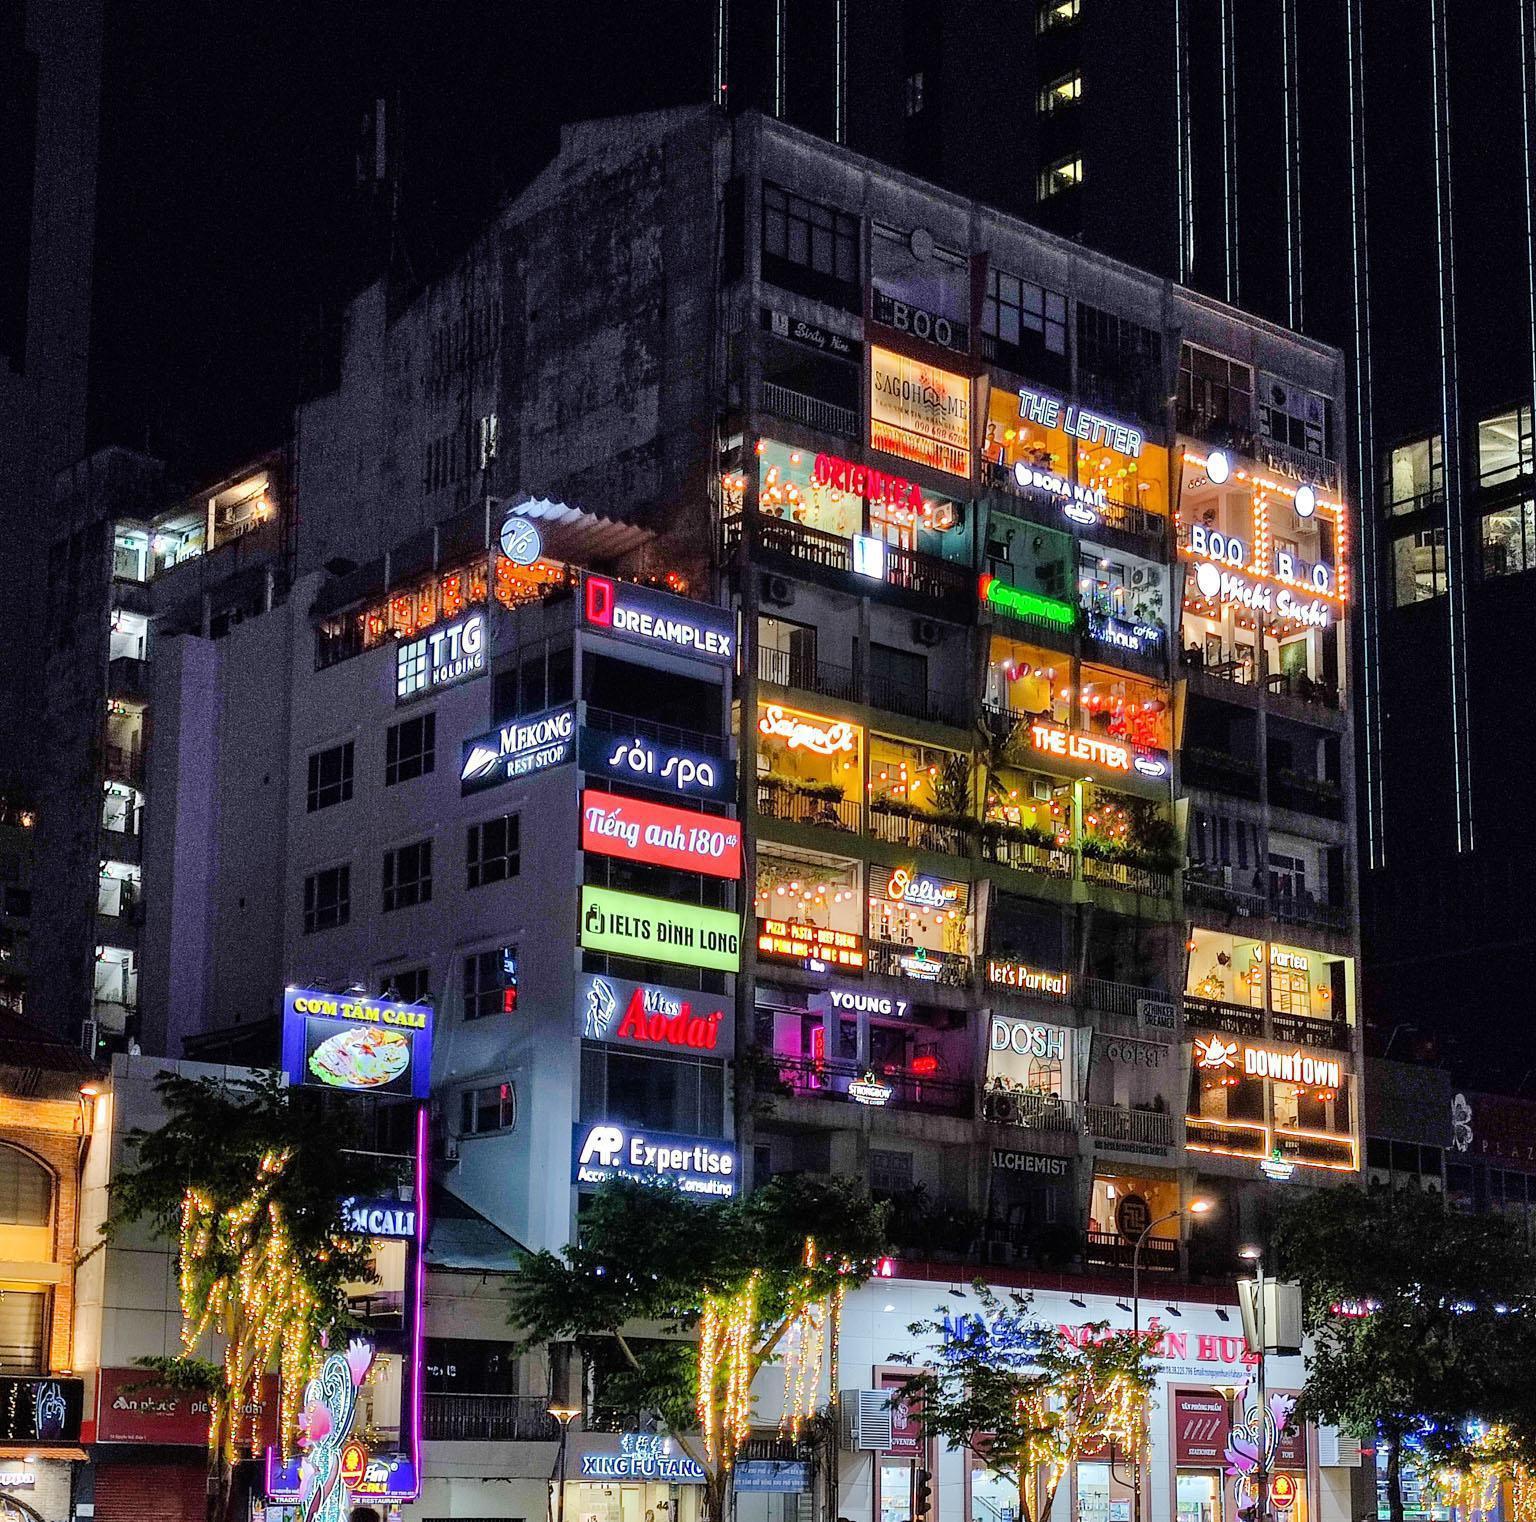 Ngẫu hứng phượt đêm Sài Gòn, hóa ra thành phố này có nhiều góc đậm chất Cinematic đến vậy! - Ảnh 5.